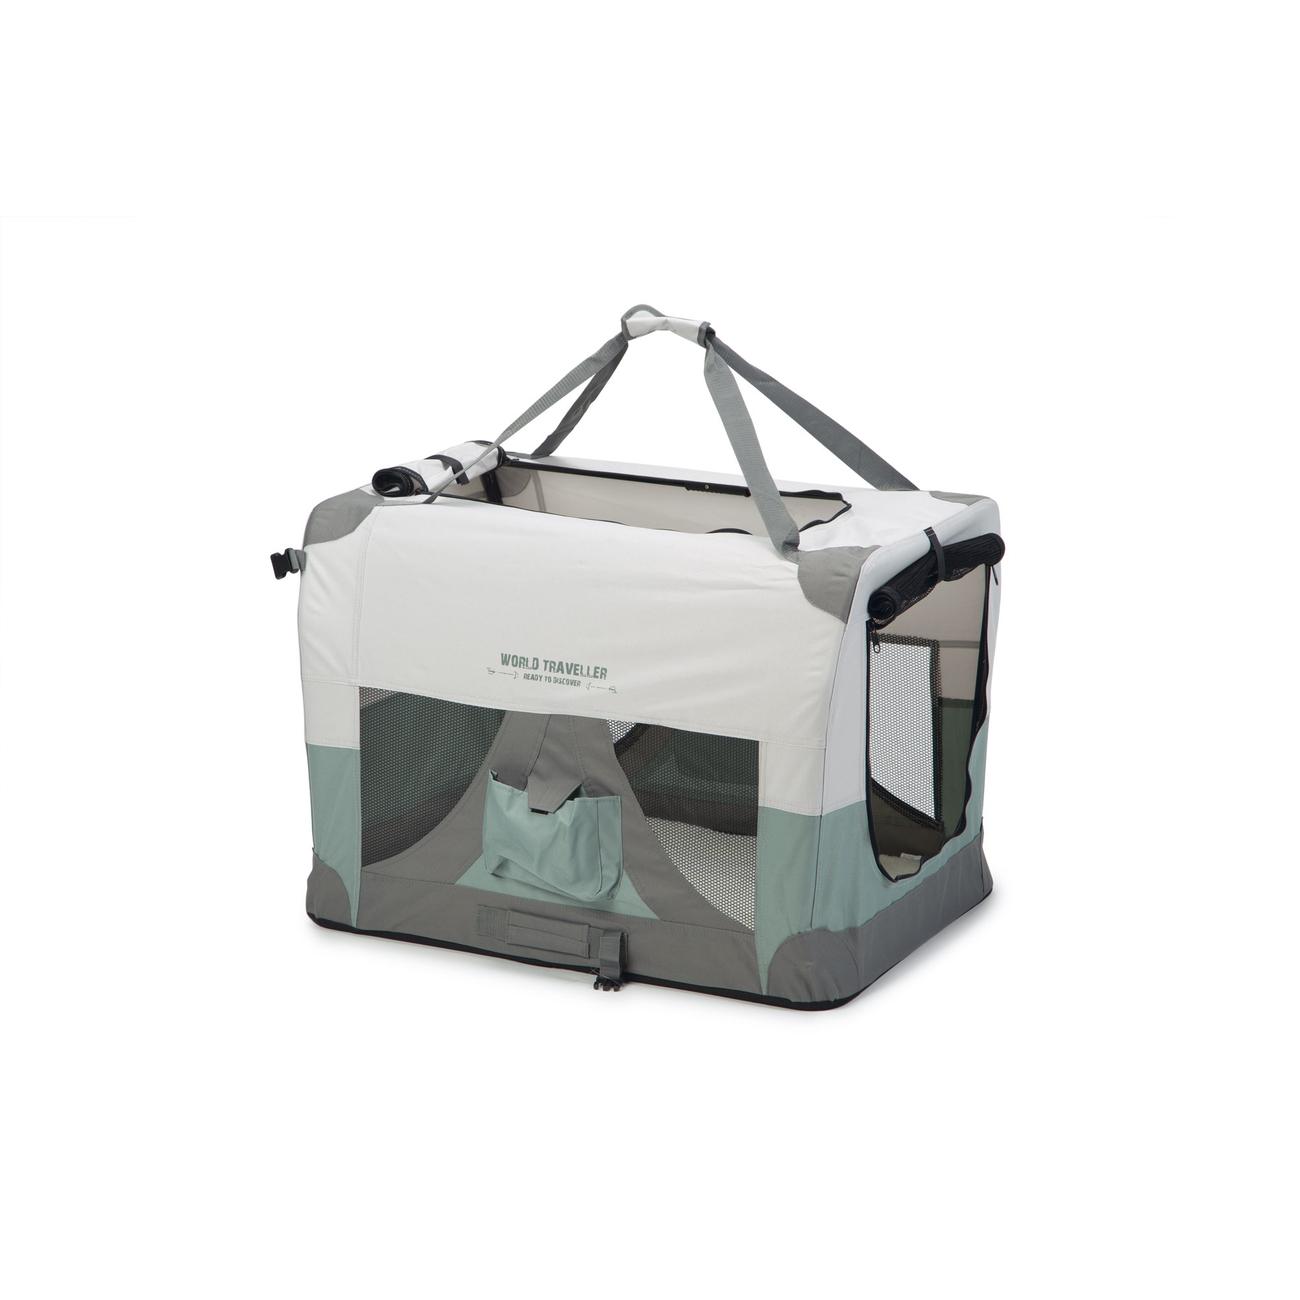 Beeztees Nylonbox für Hunde World Travel, faltbar, Bild 11